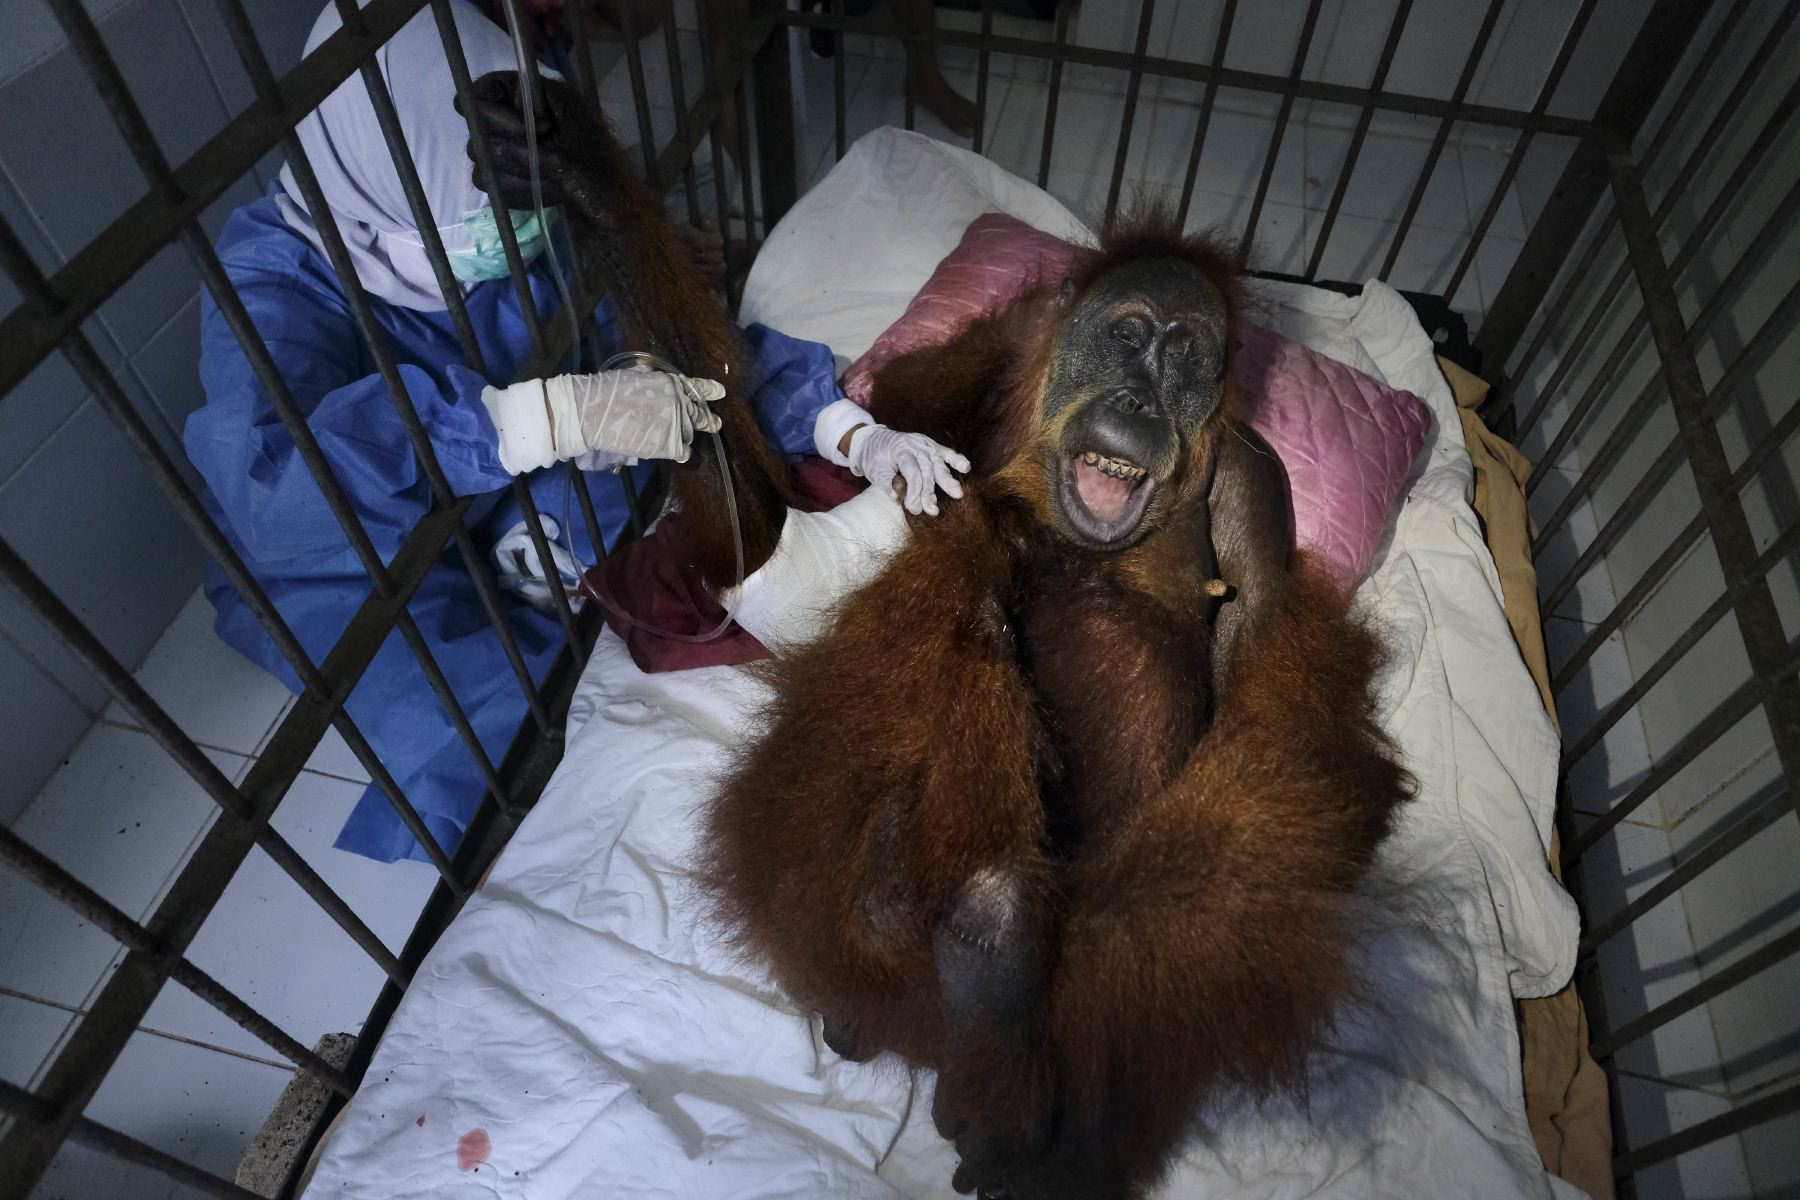 Alain_Schroeder_Saving_Orangutans_06.JPG